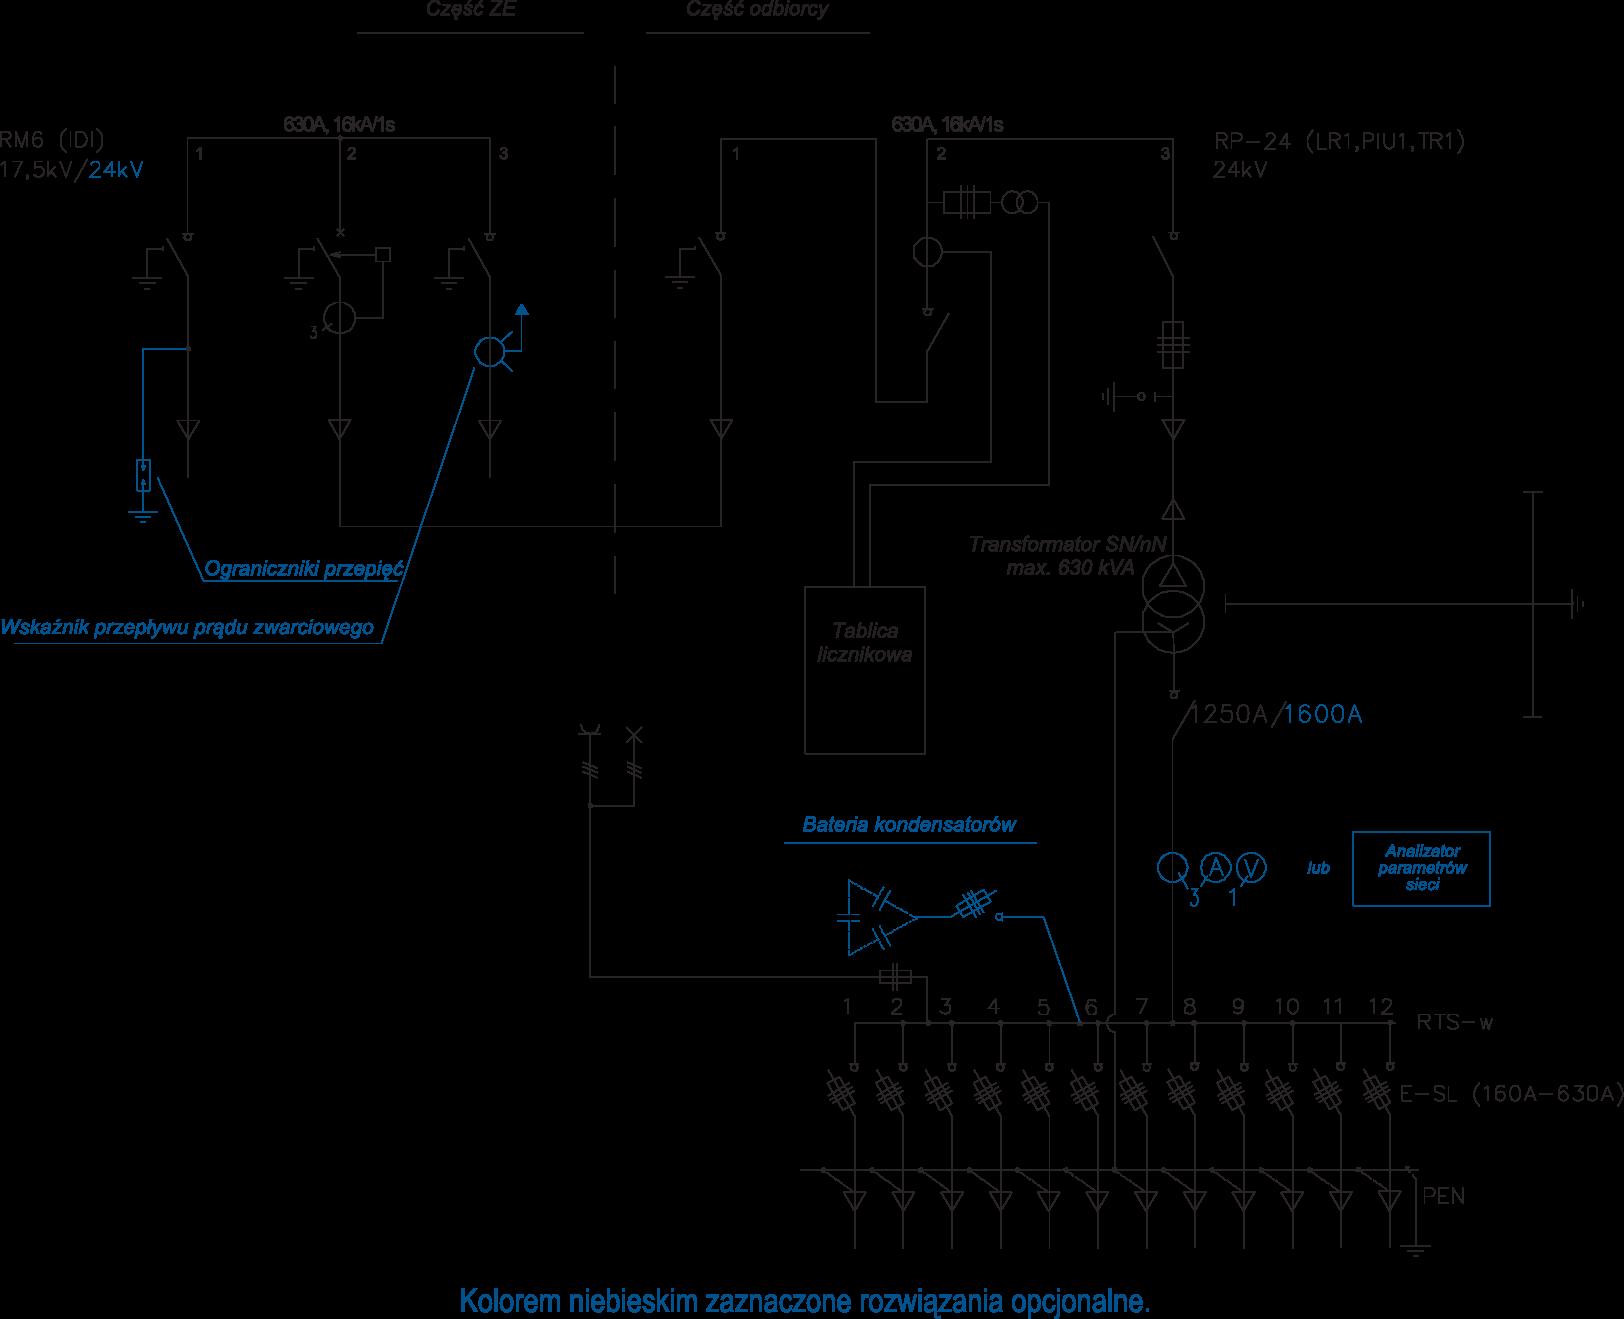 Schemat stacji transformatorowej typu BEK 250/600